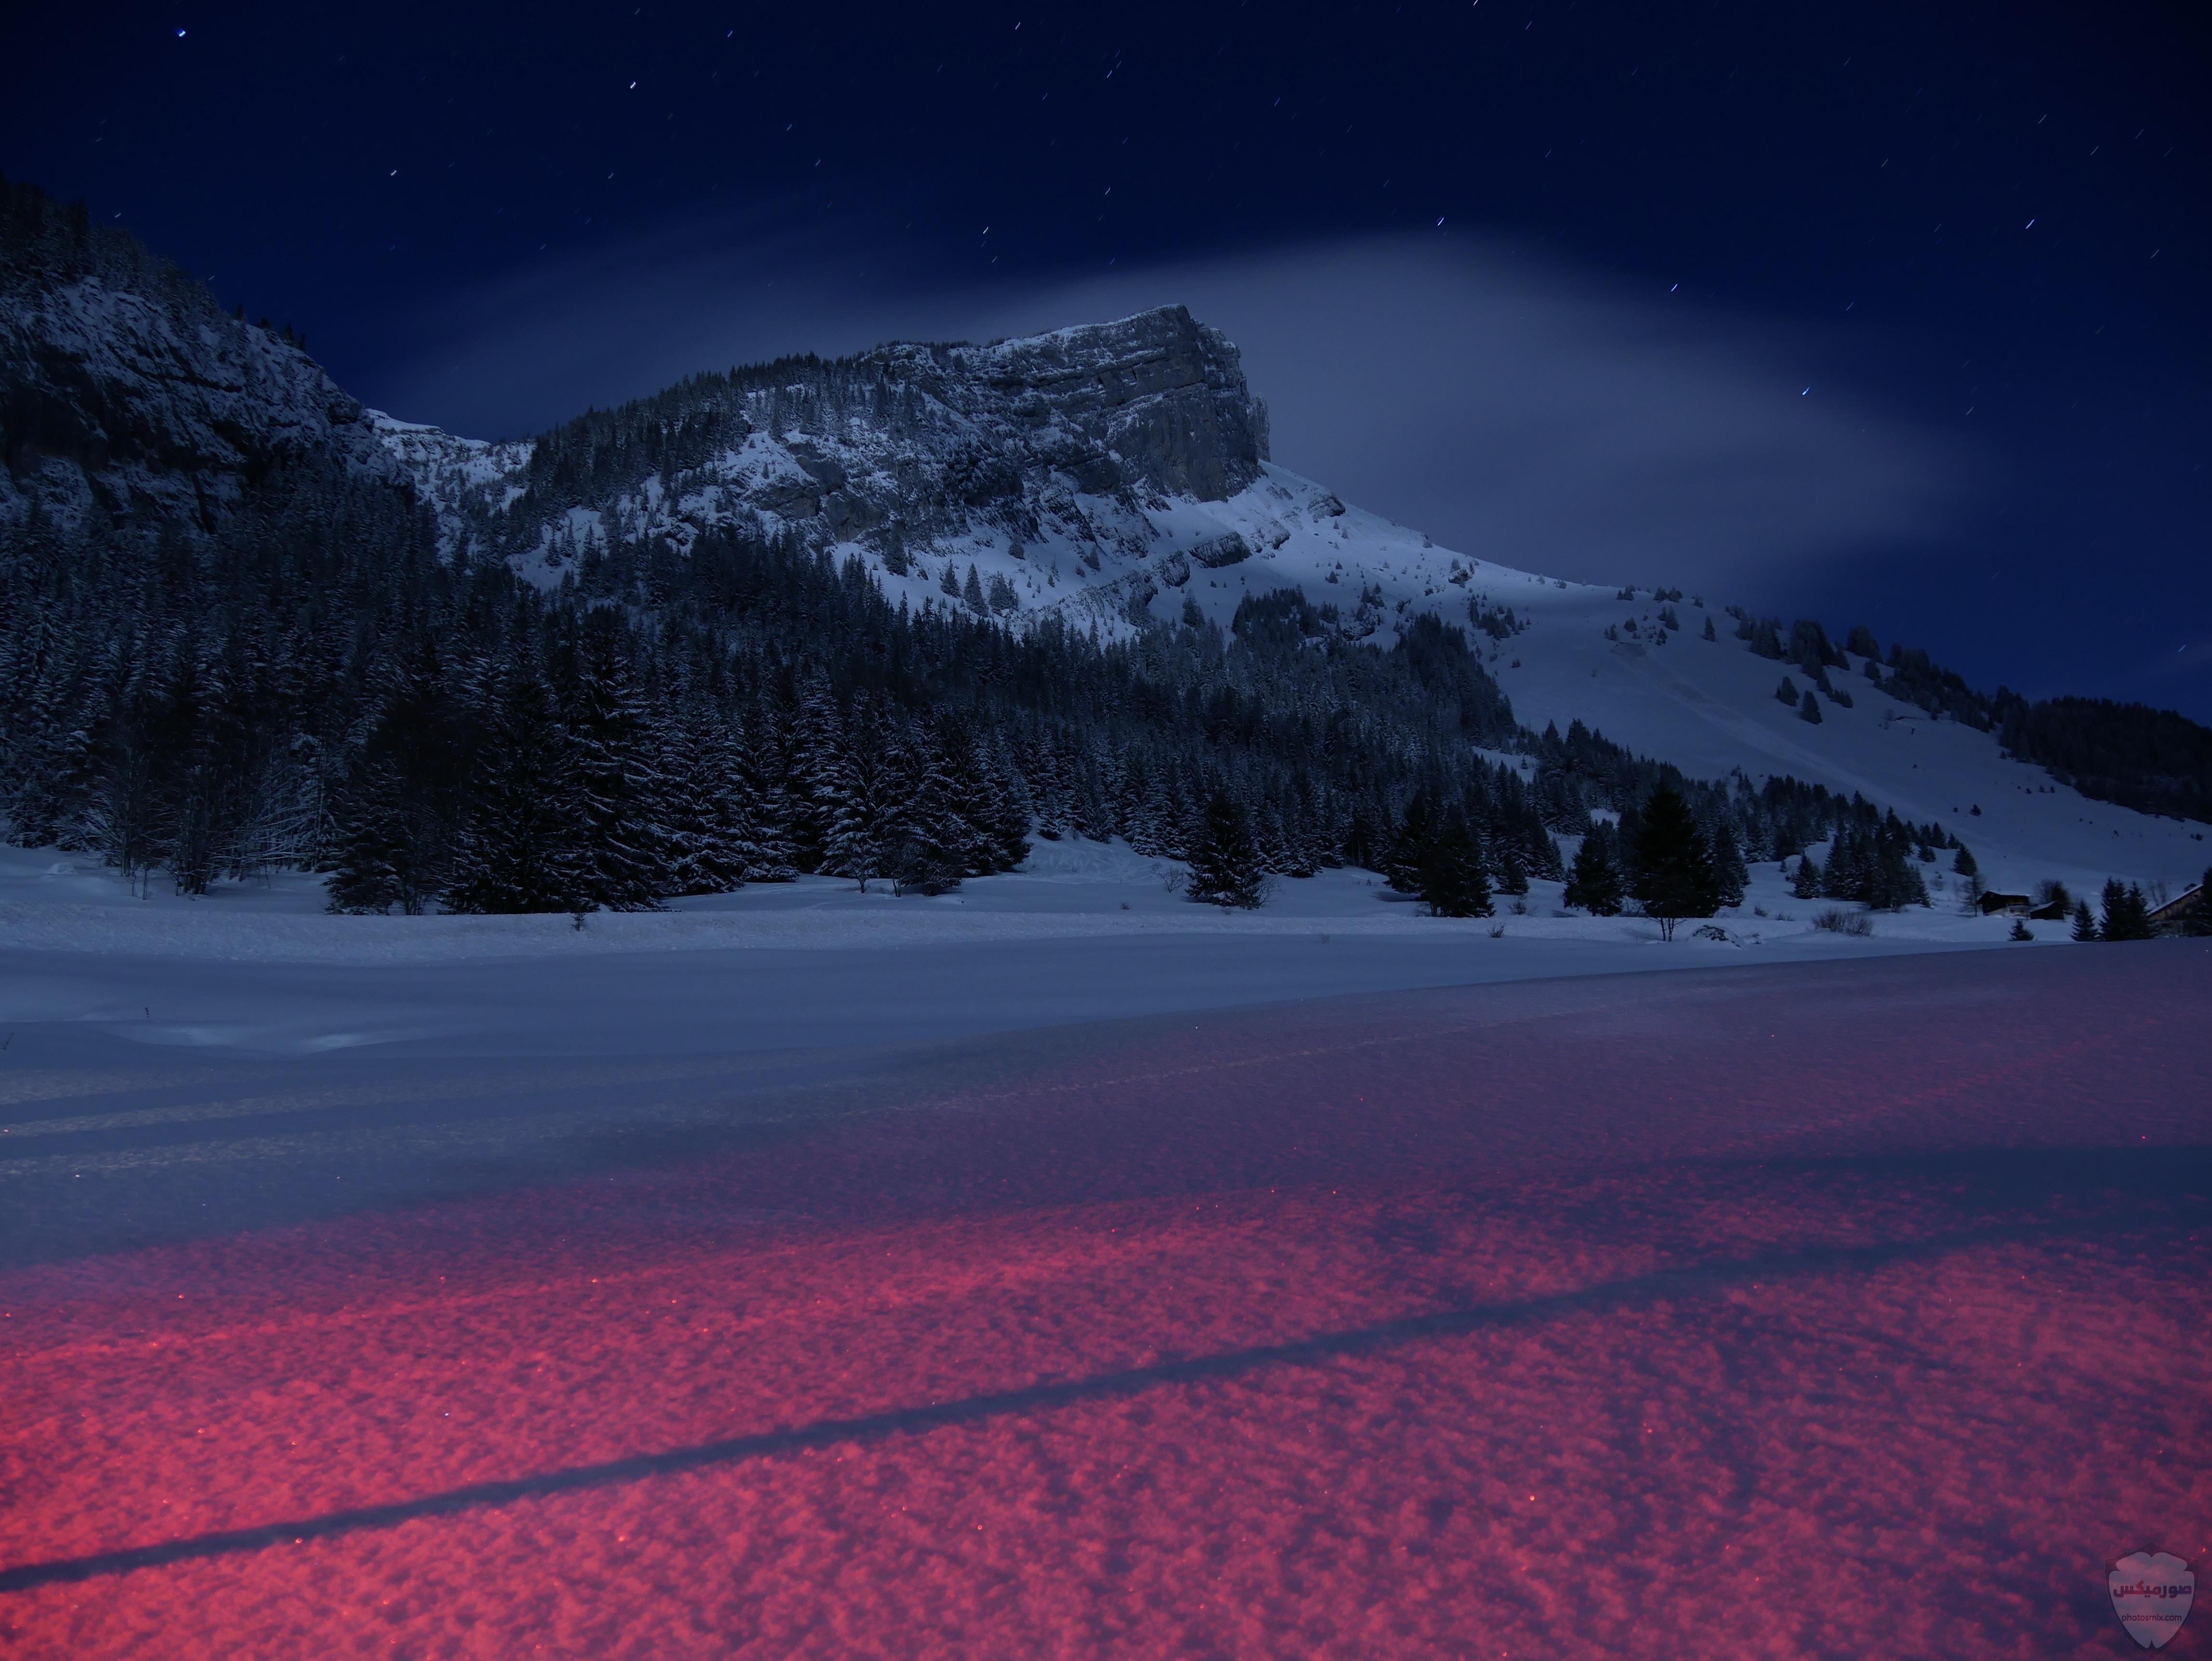 صور وخلفيات جبال وشلالات طبيعية HD خلفيات جبال خضراء وثلجية 3